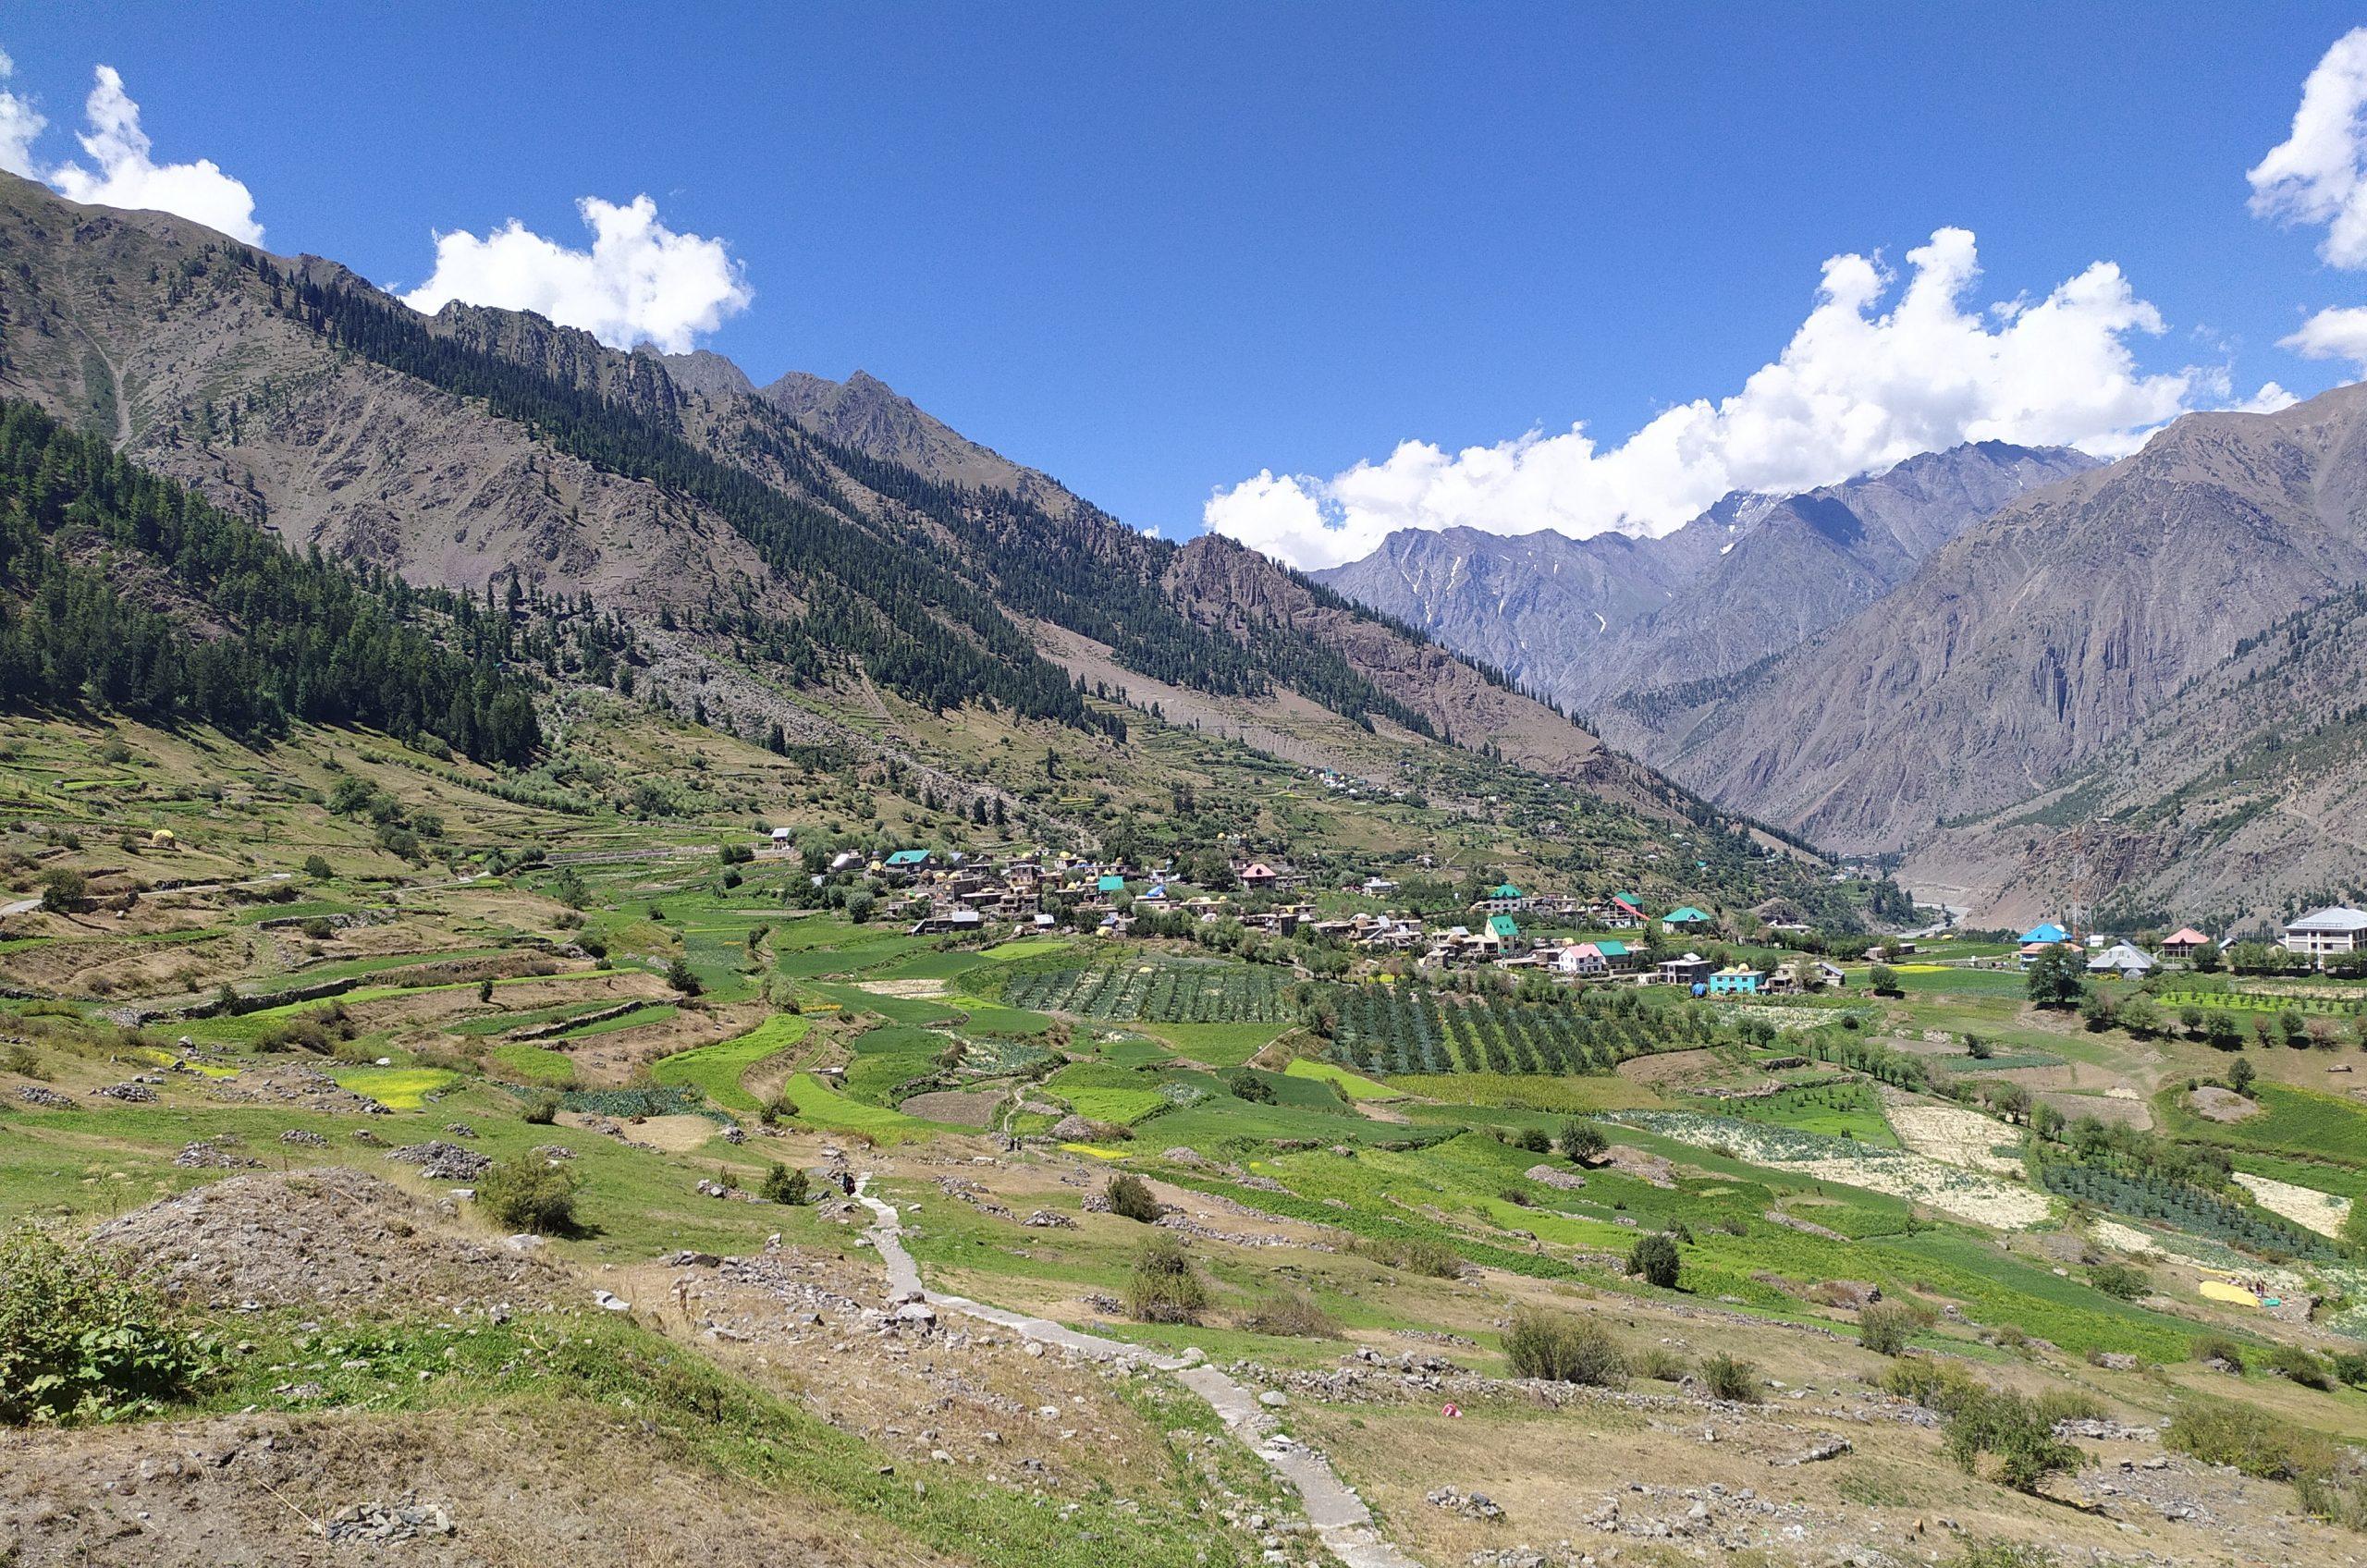 Village near mountain